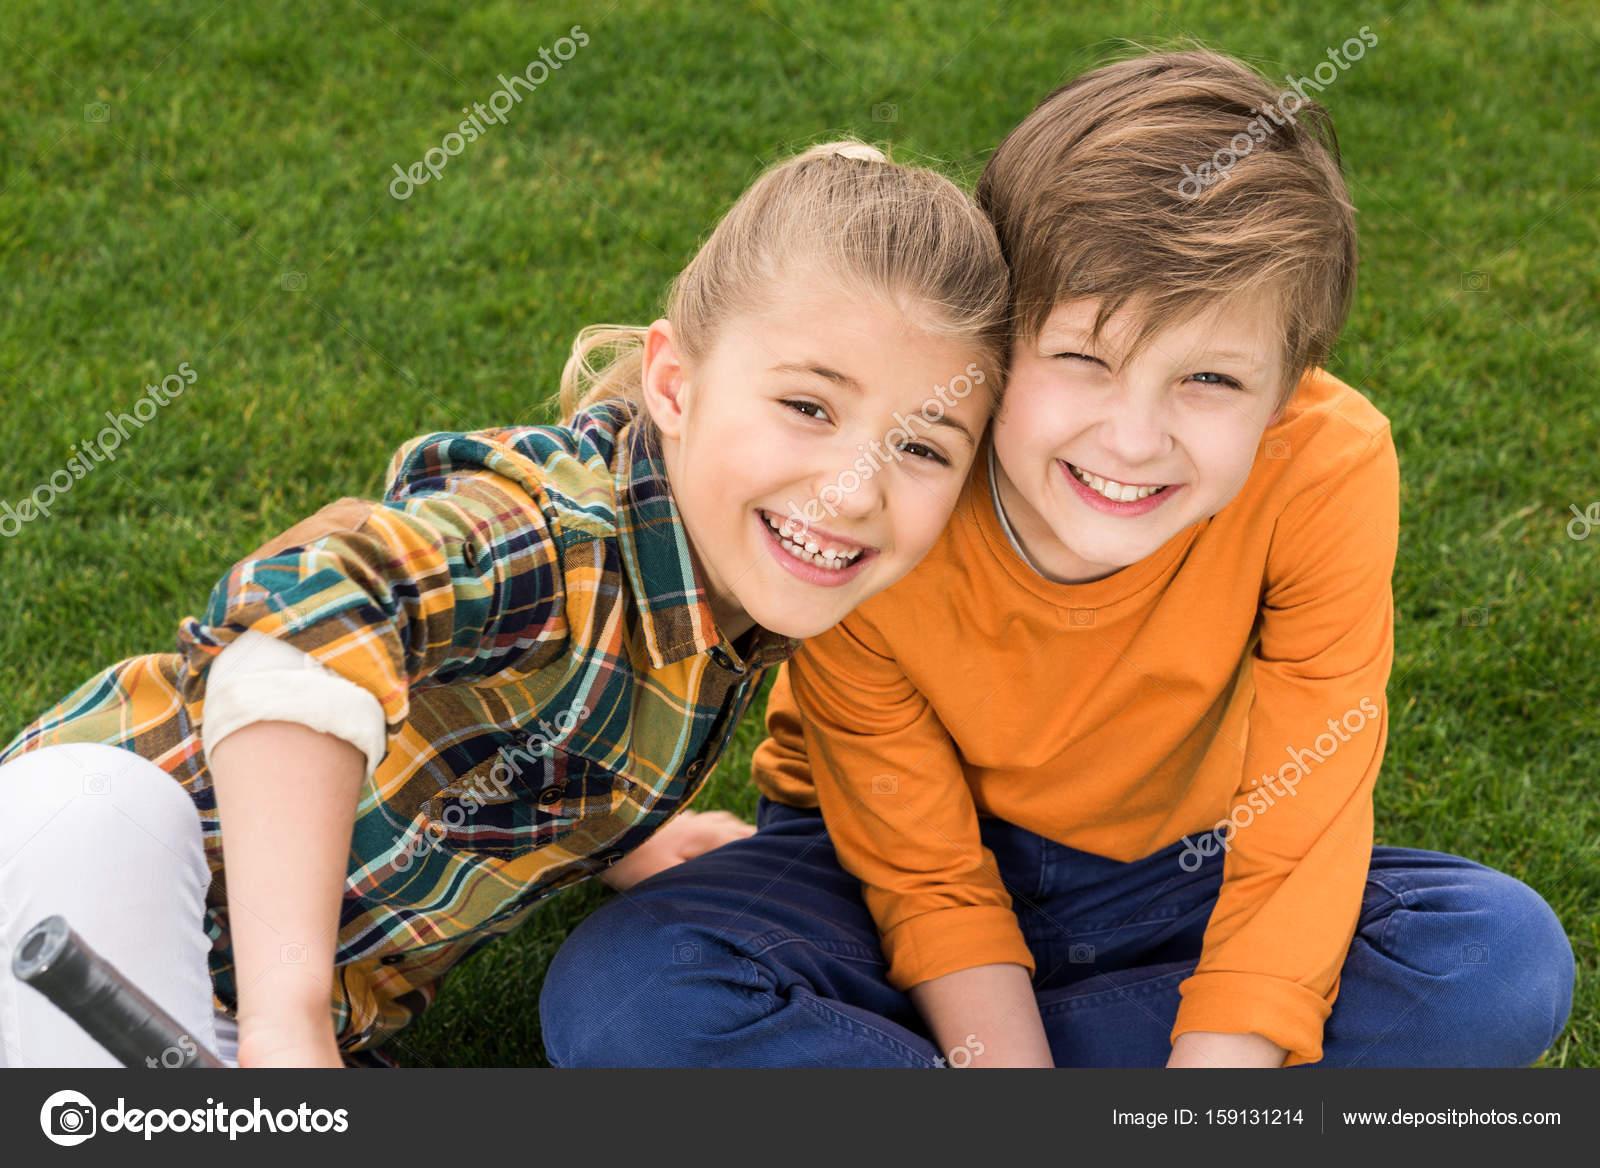 Сестра возбудила своего брата и его друга, Сестра возбудила брата и трахалась с ним - порнофаза 14 фотография